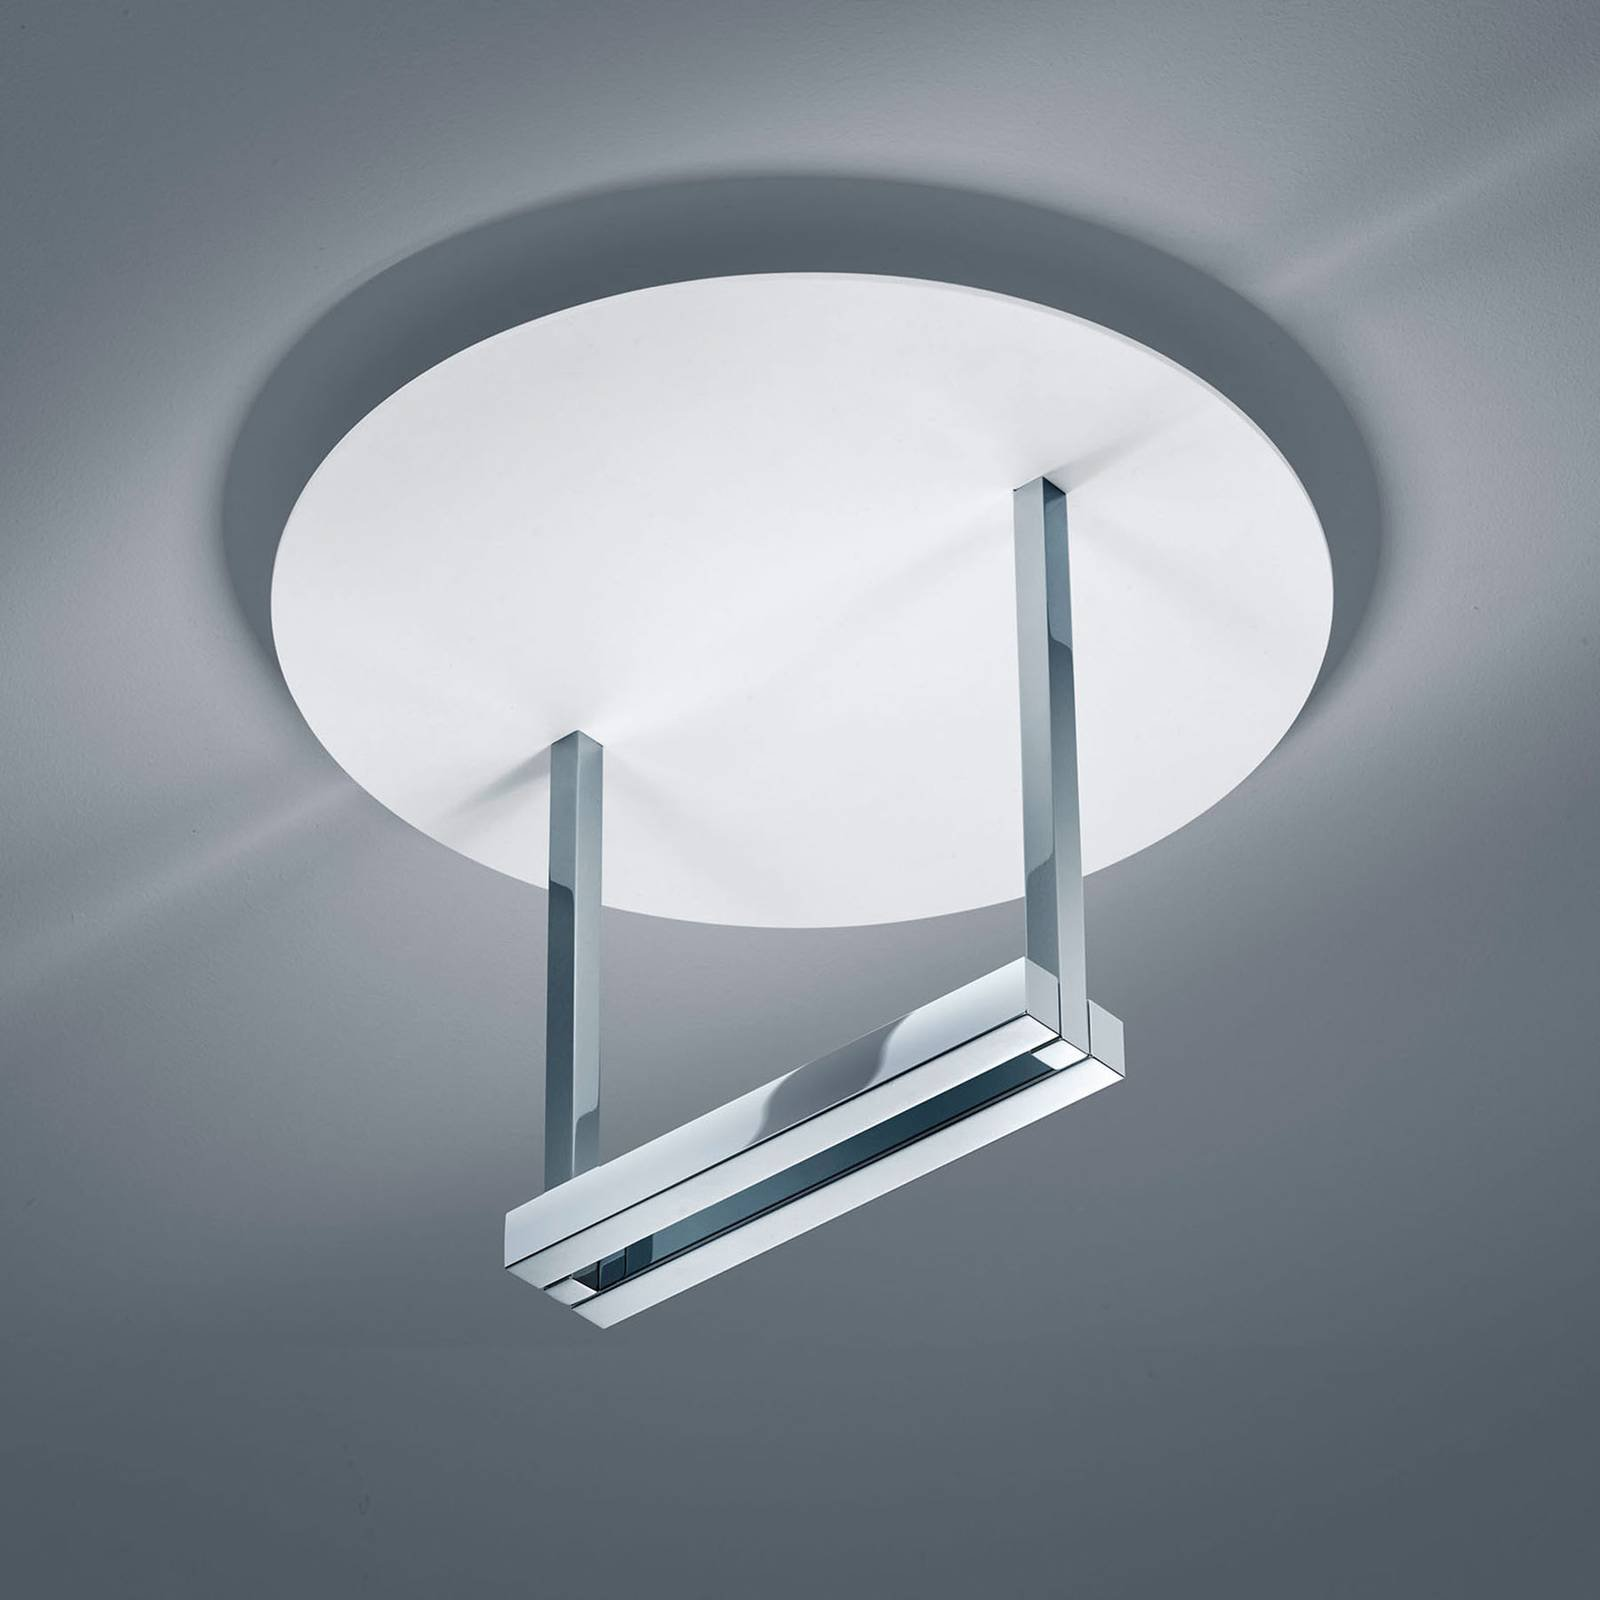 Helestra Mata LED-taklampe i moderne stil